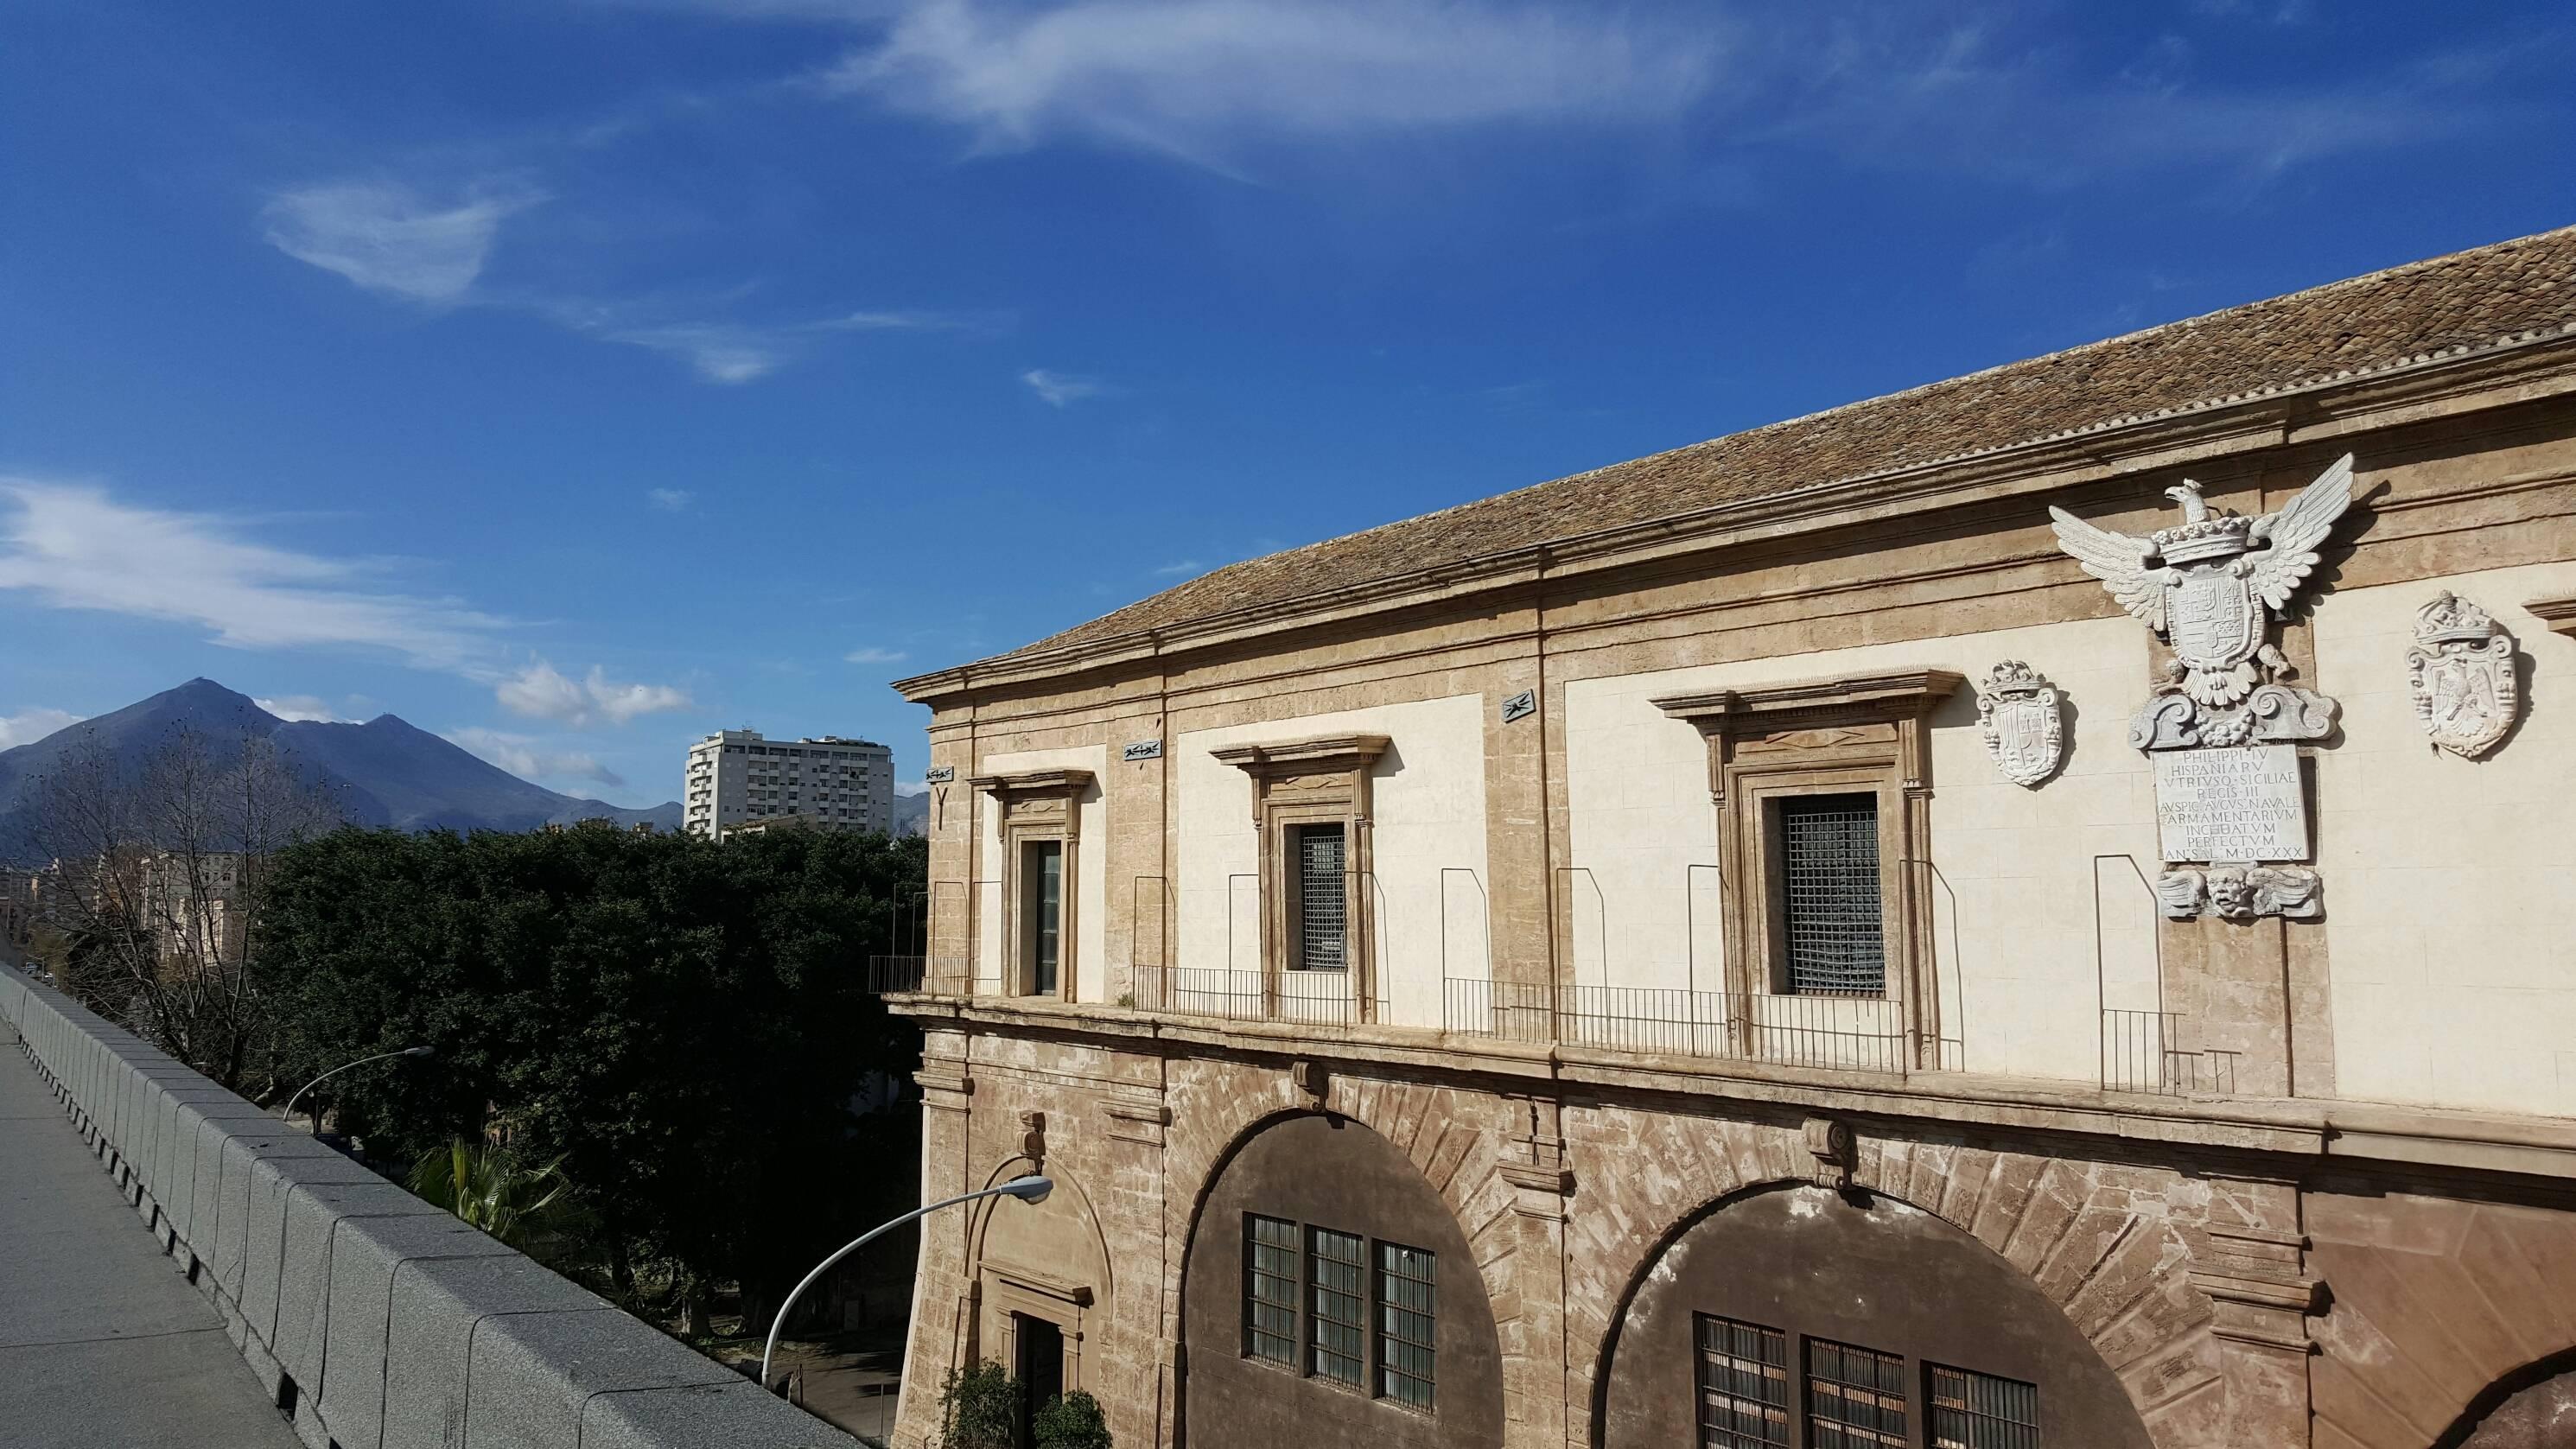 Arsenale della Marina Regia, Palermo, una delle sedi della Soprintendenza del Mare.  Ph. Alessandra De Caro, Soprintendenza del Mare